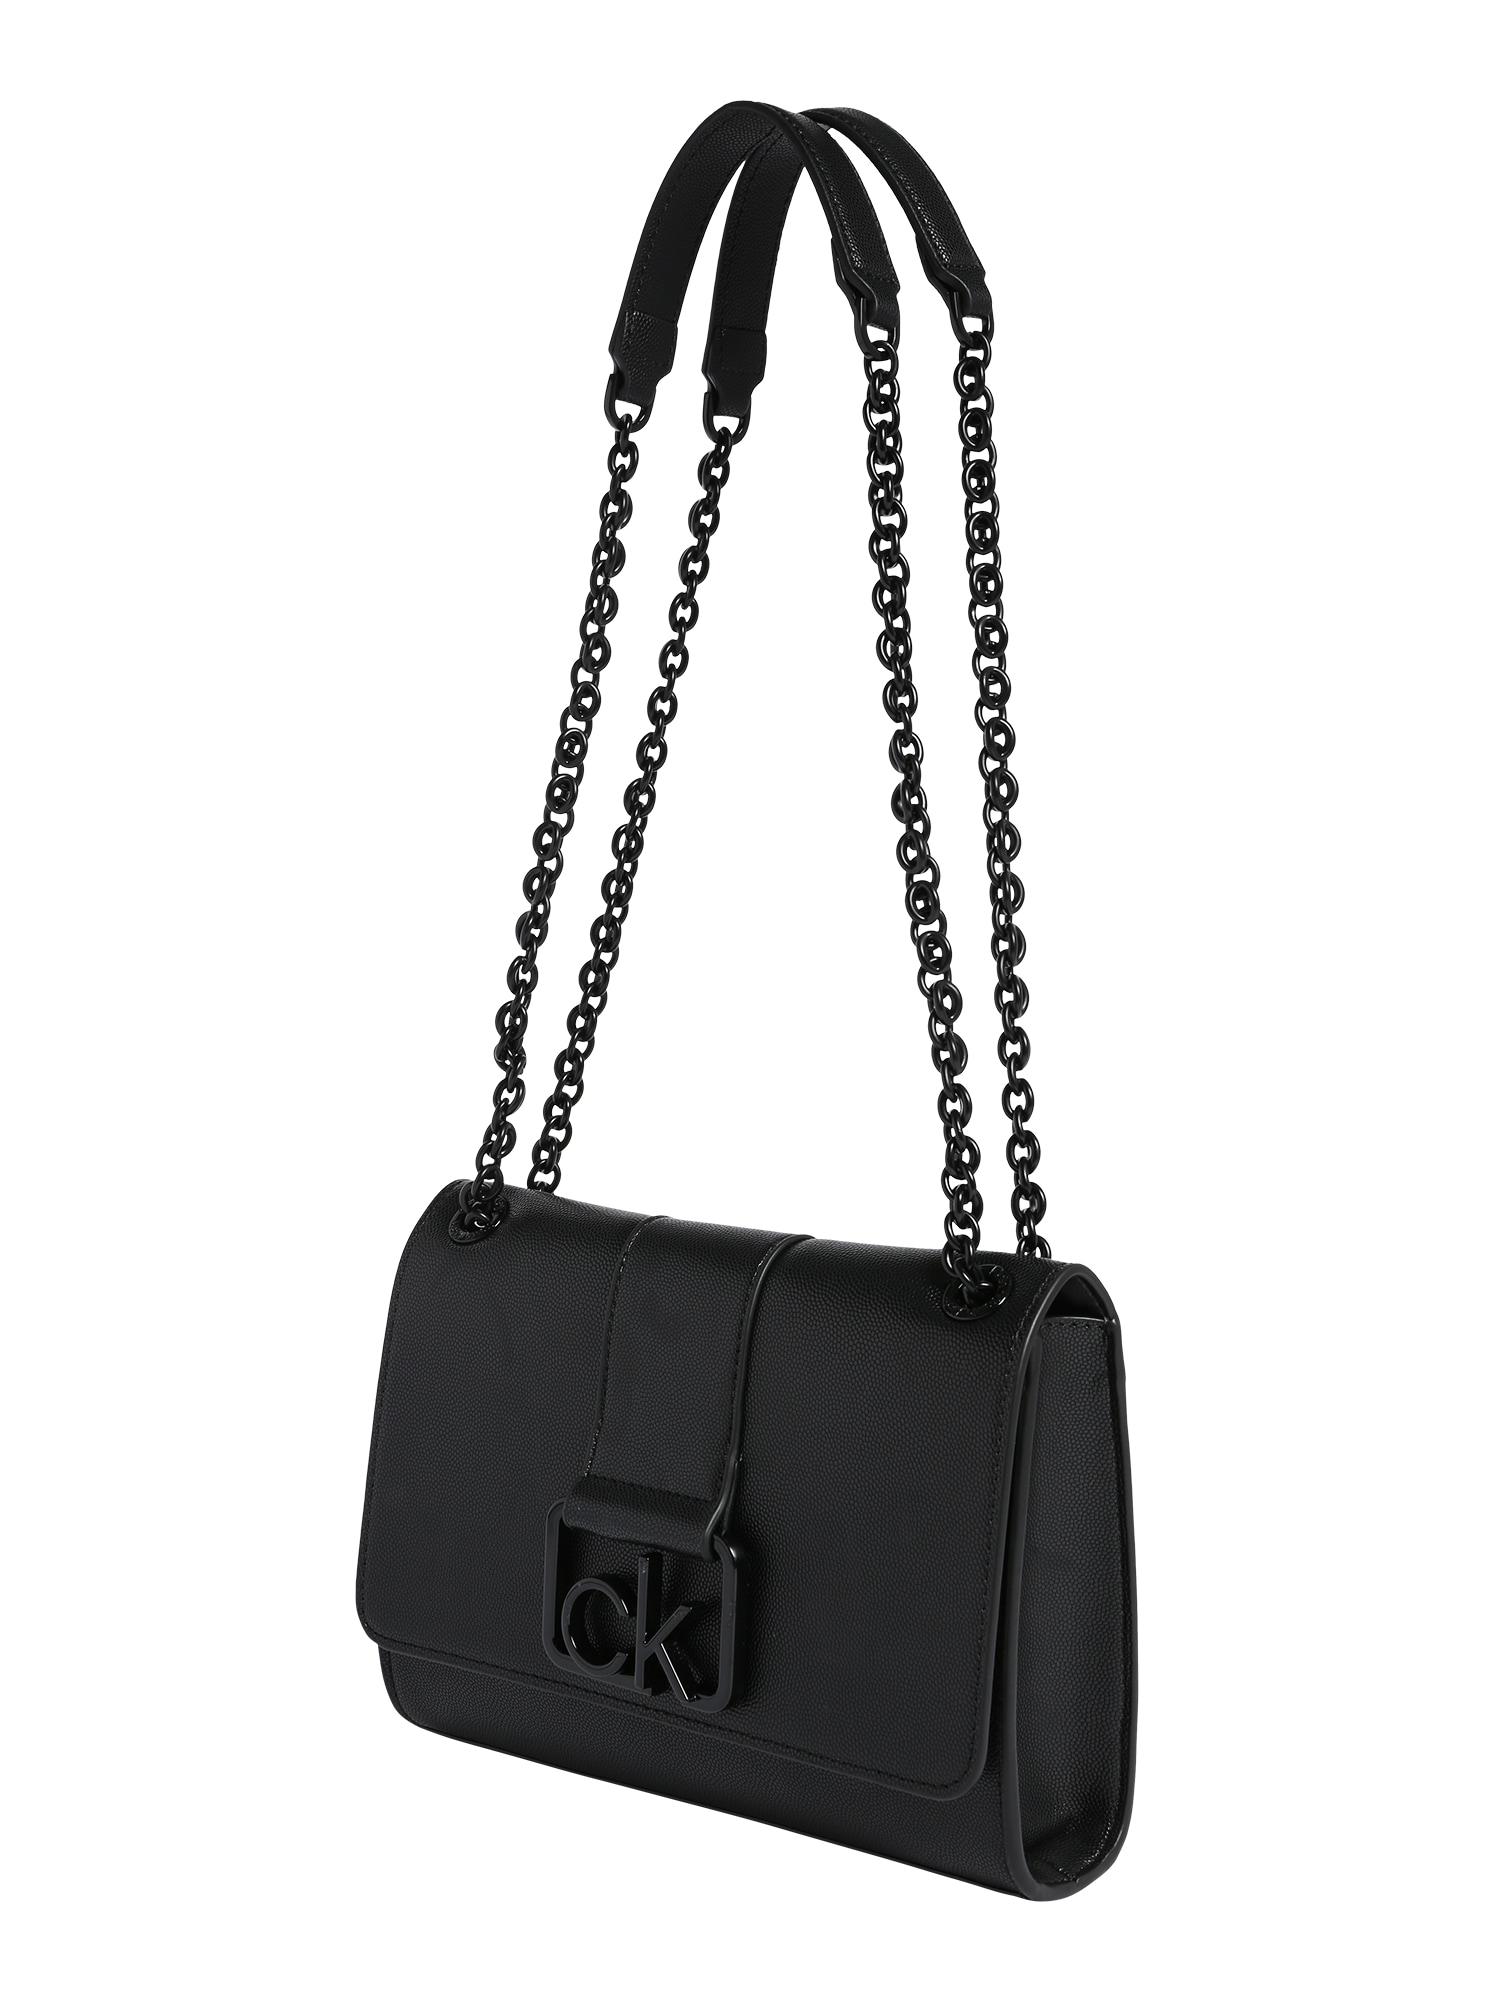 Calvin Klein Rankinė ant peties 'CK SIGNATURE' juoda